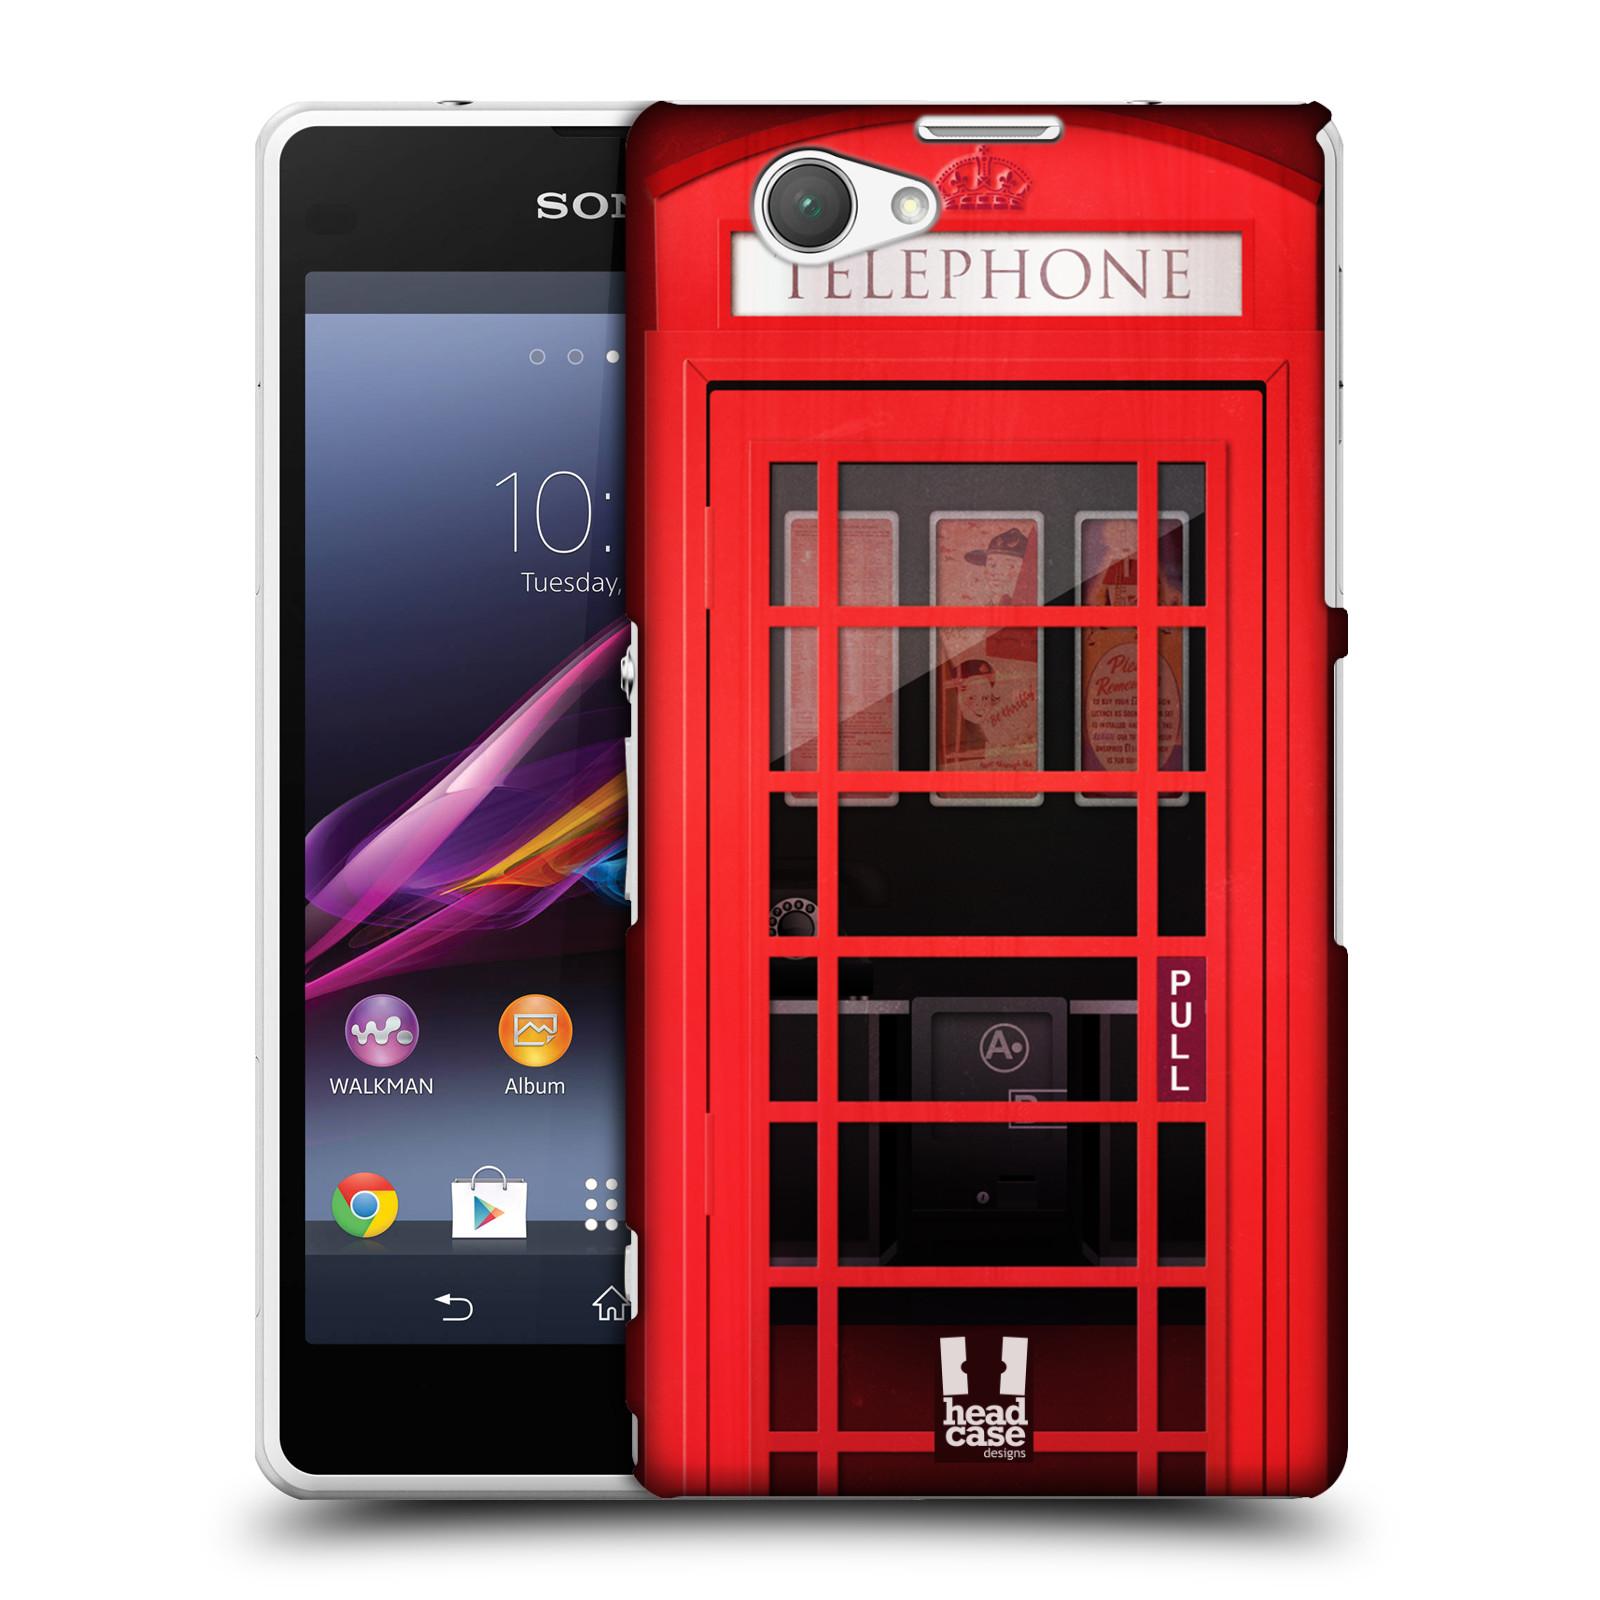 Plastové pouzdro na mobil Sony Xperia Z1 Compact D5503 HEAD CASE TELEFONNÍ BUDKA